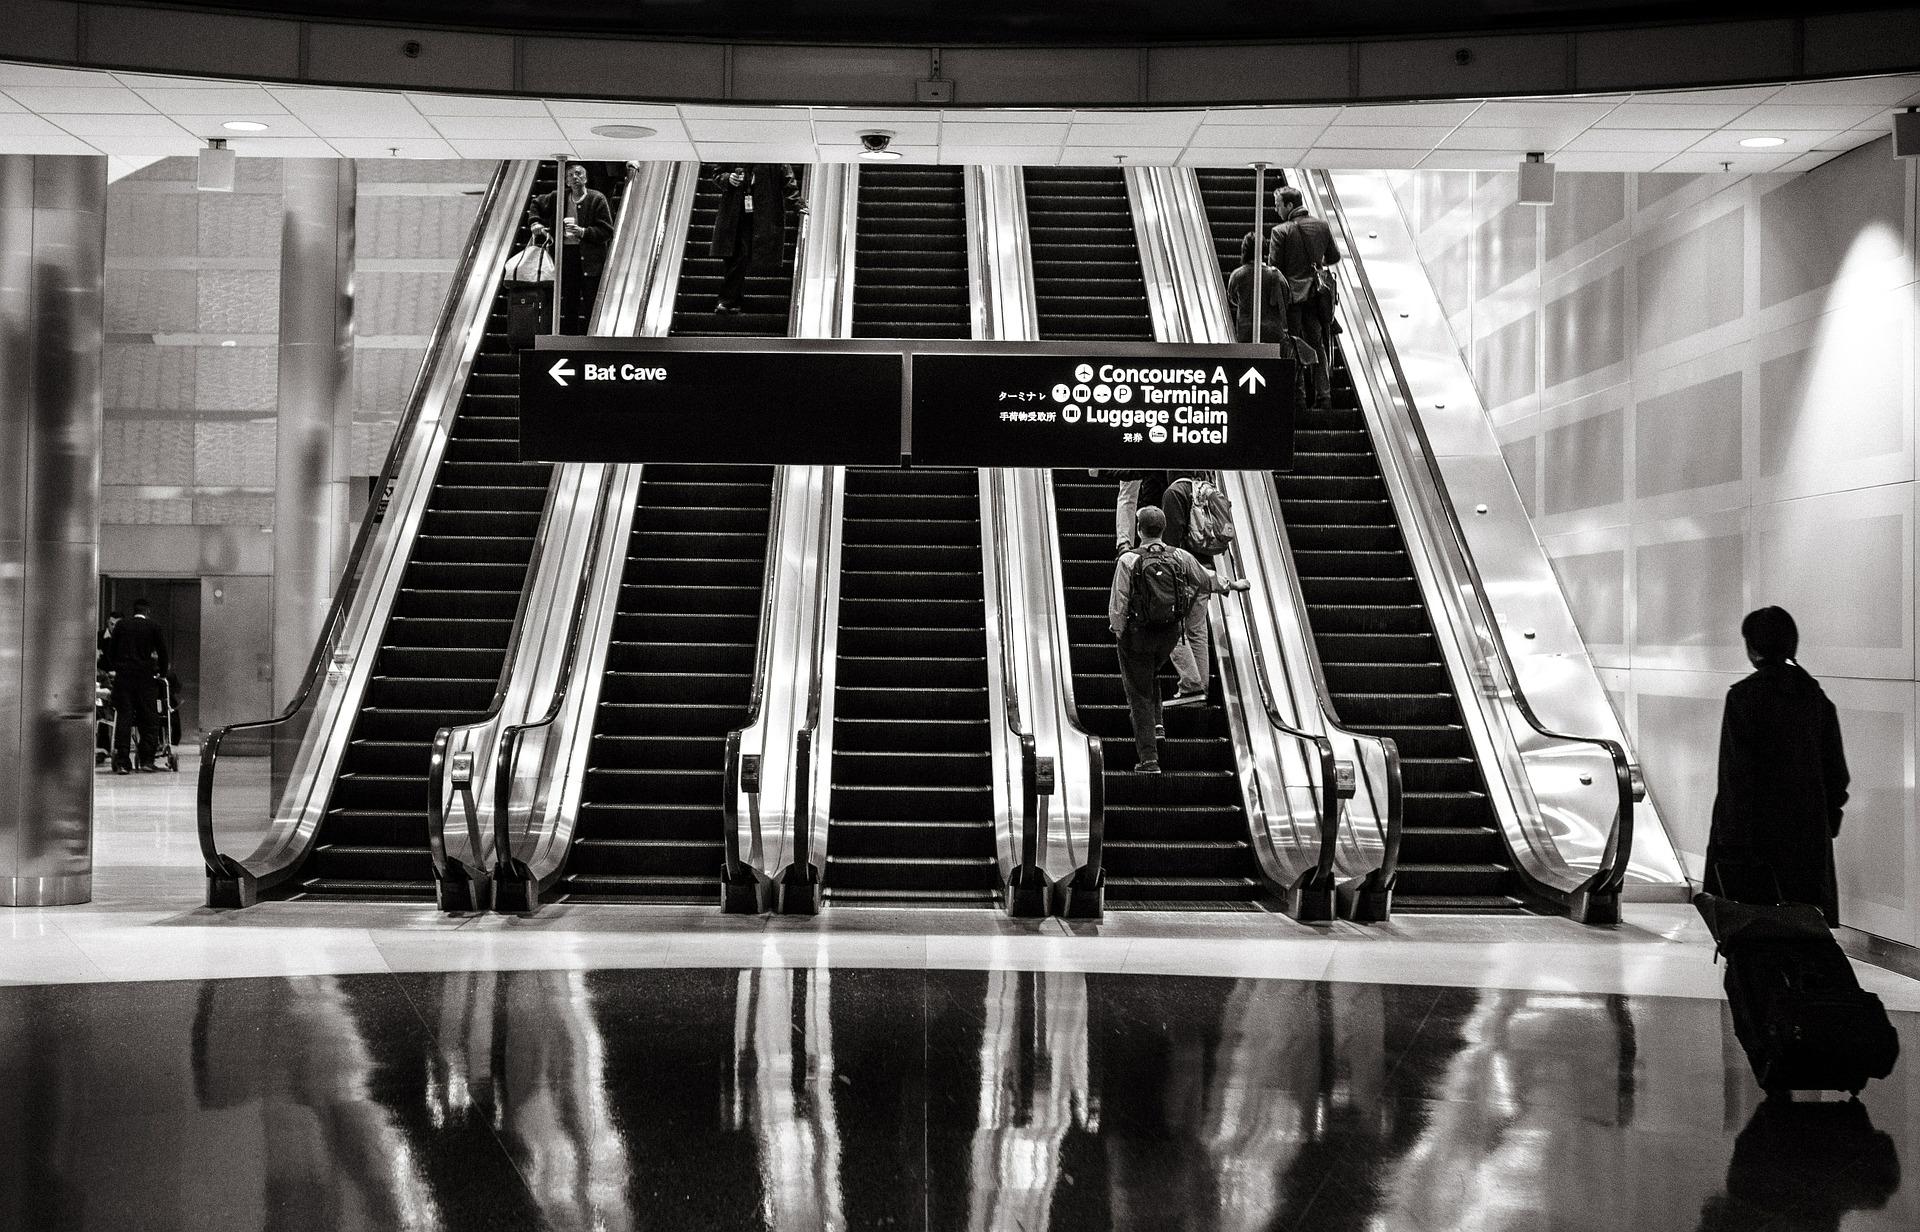 escalators-594463_1920